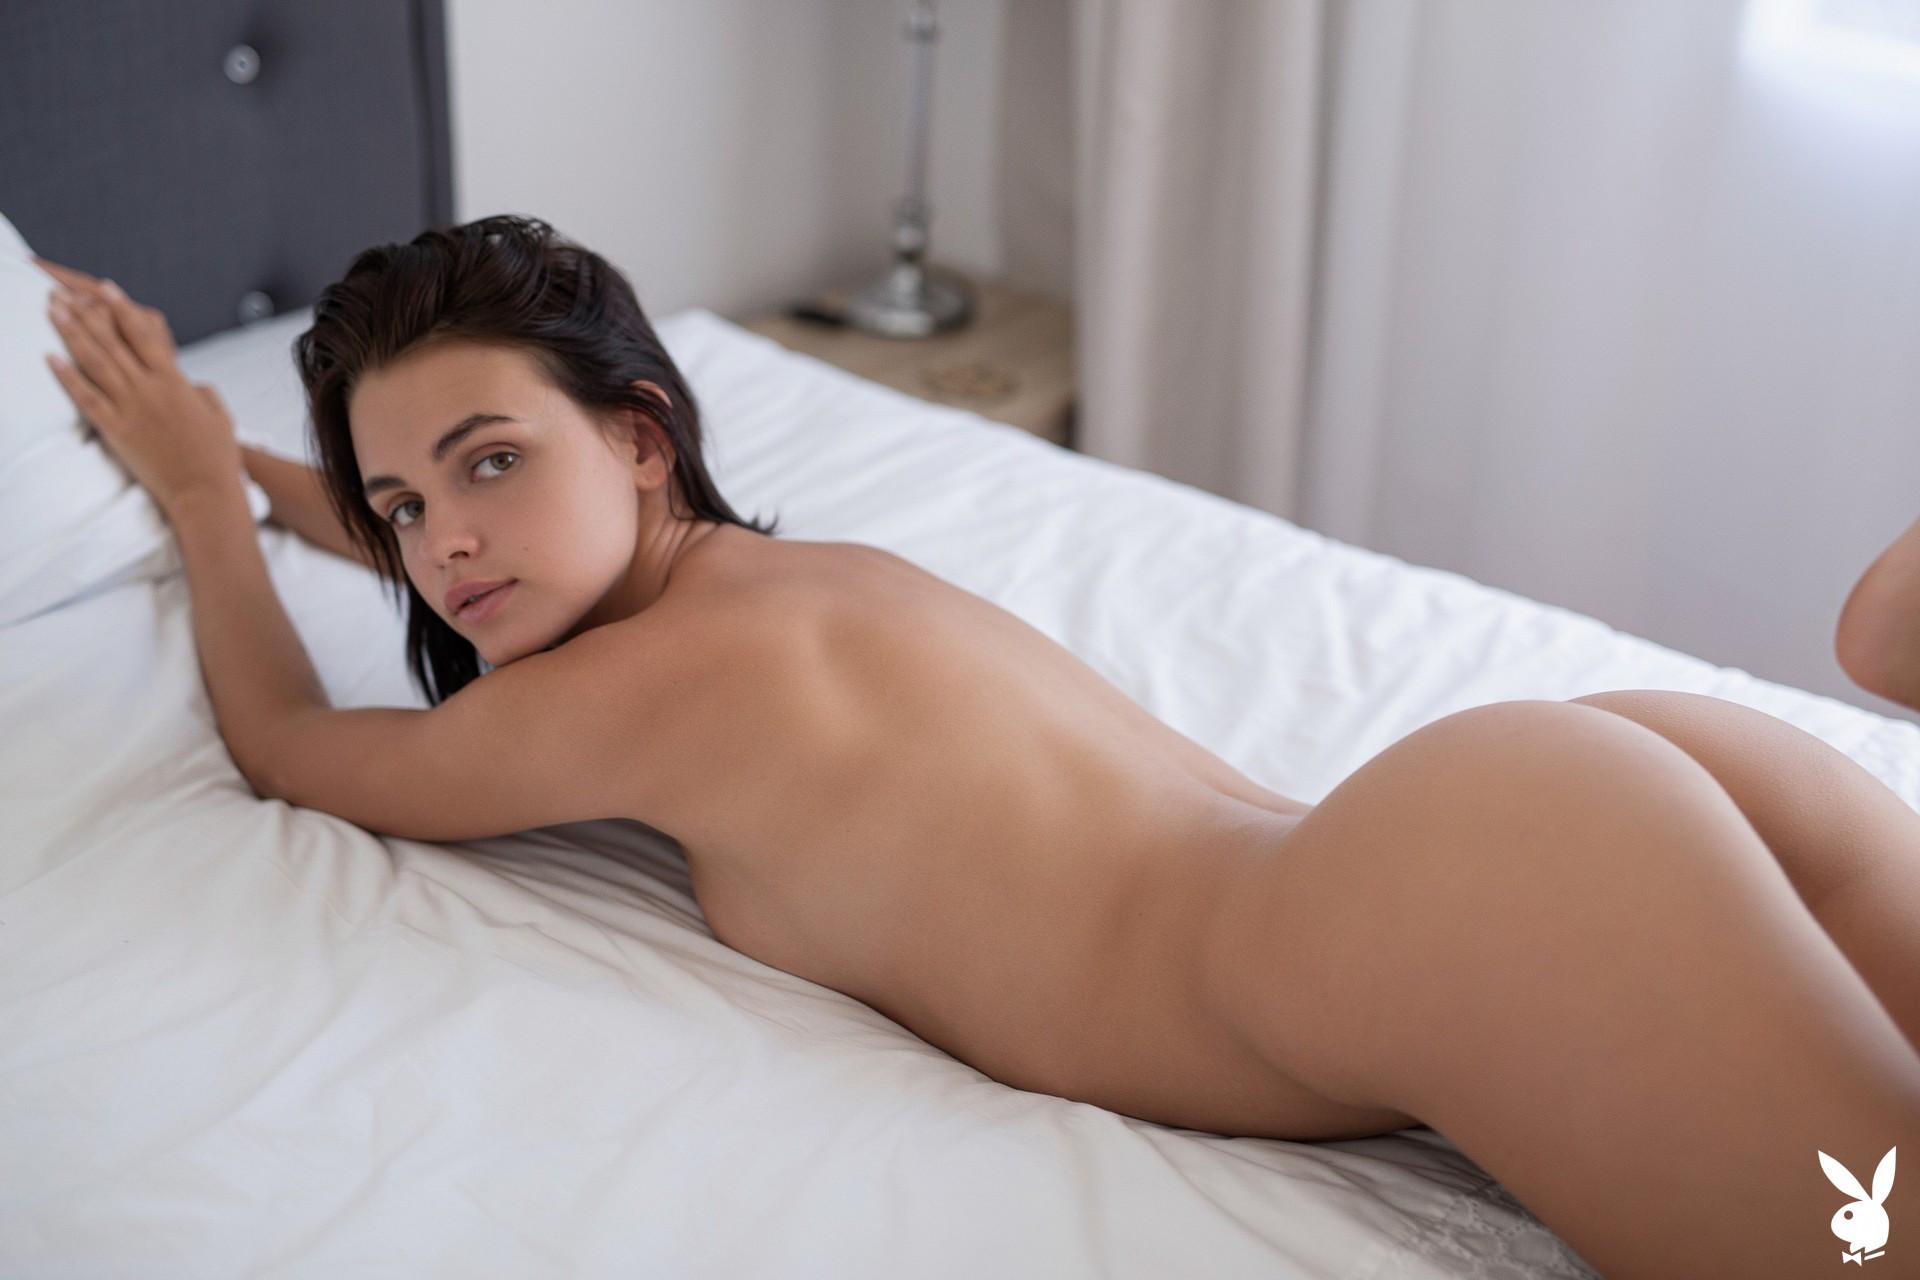 Ariel In Soft Awakening Playboy Plus (17)